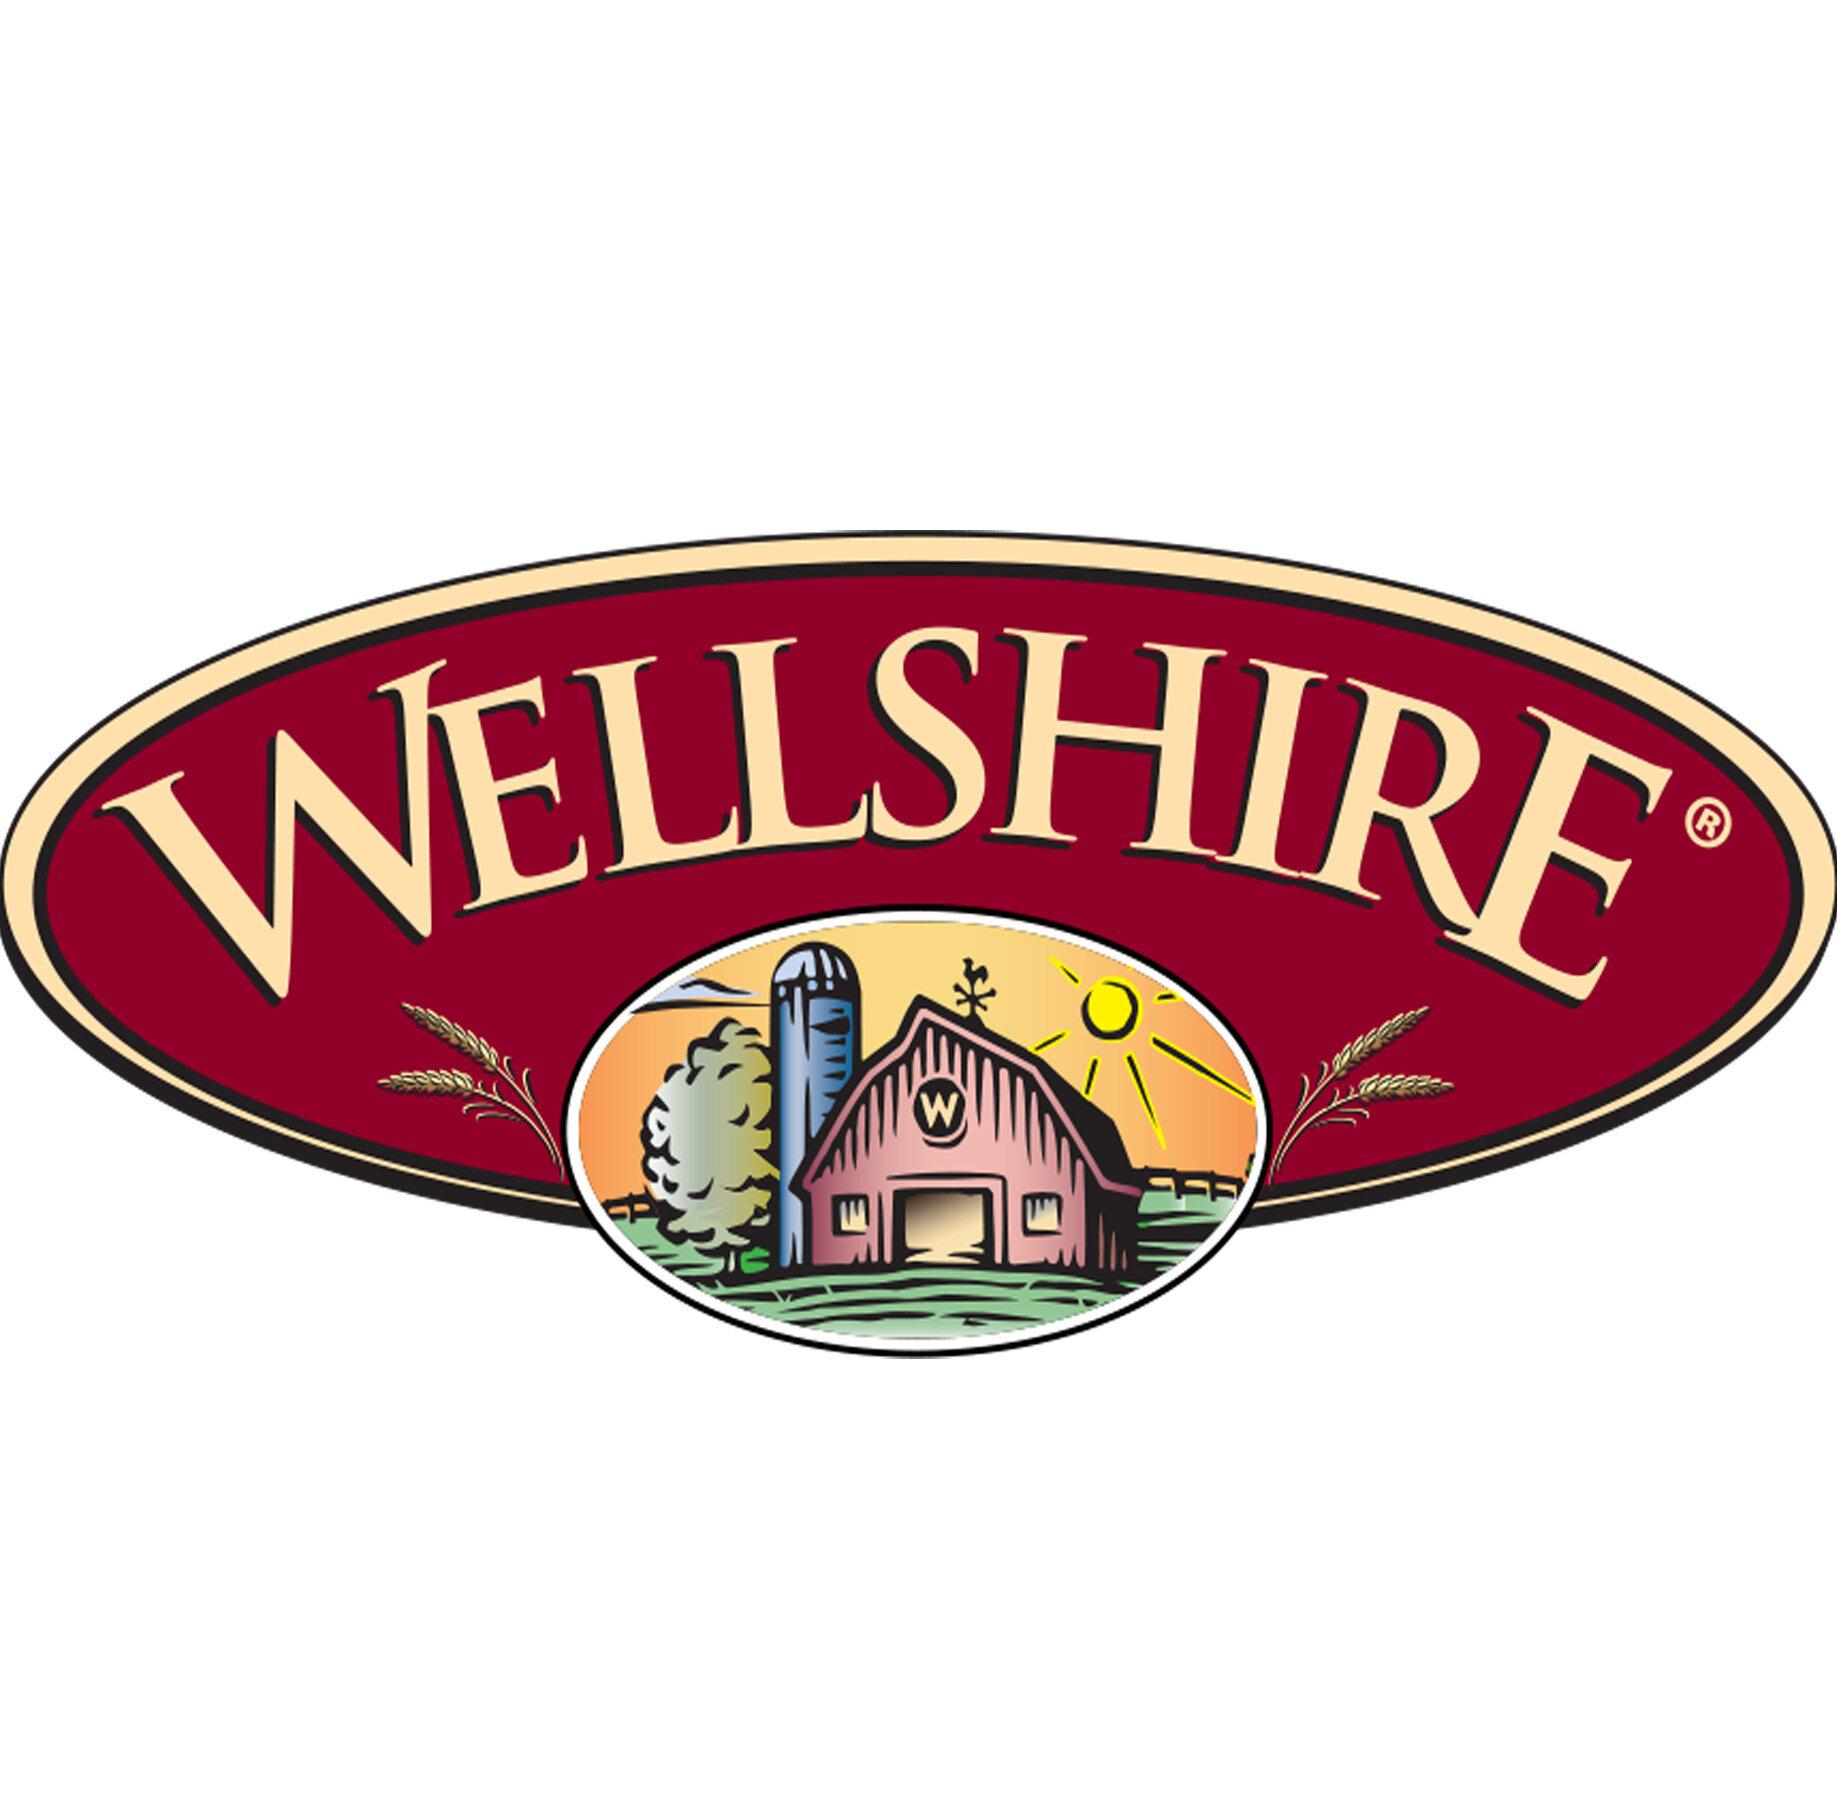 wellshire.jpg